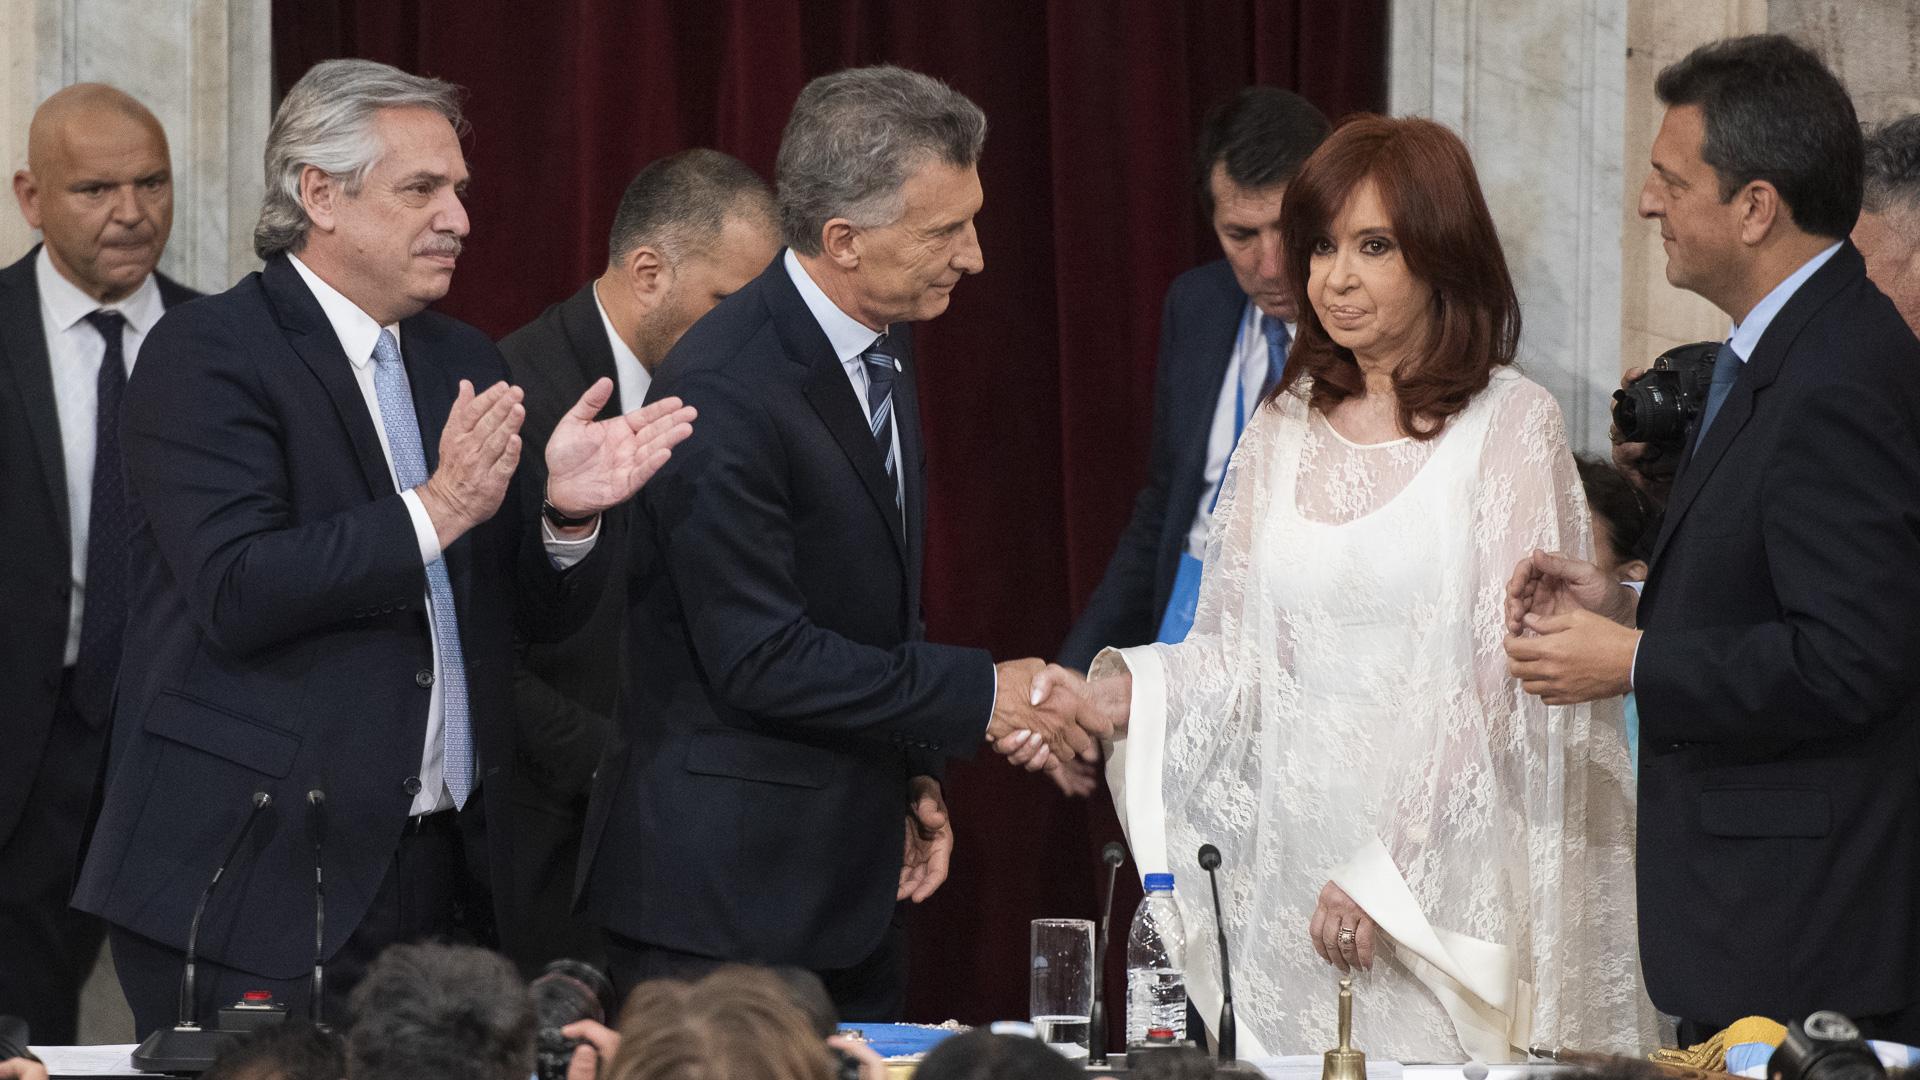 El frío saludo entre Mauricio Macri y Cristina Kirchner durante la jura